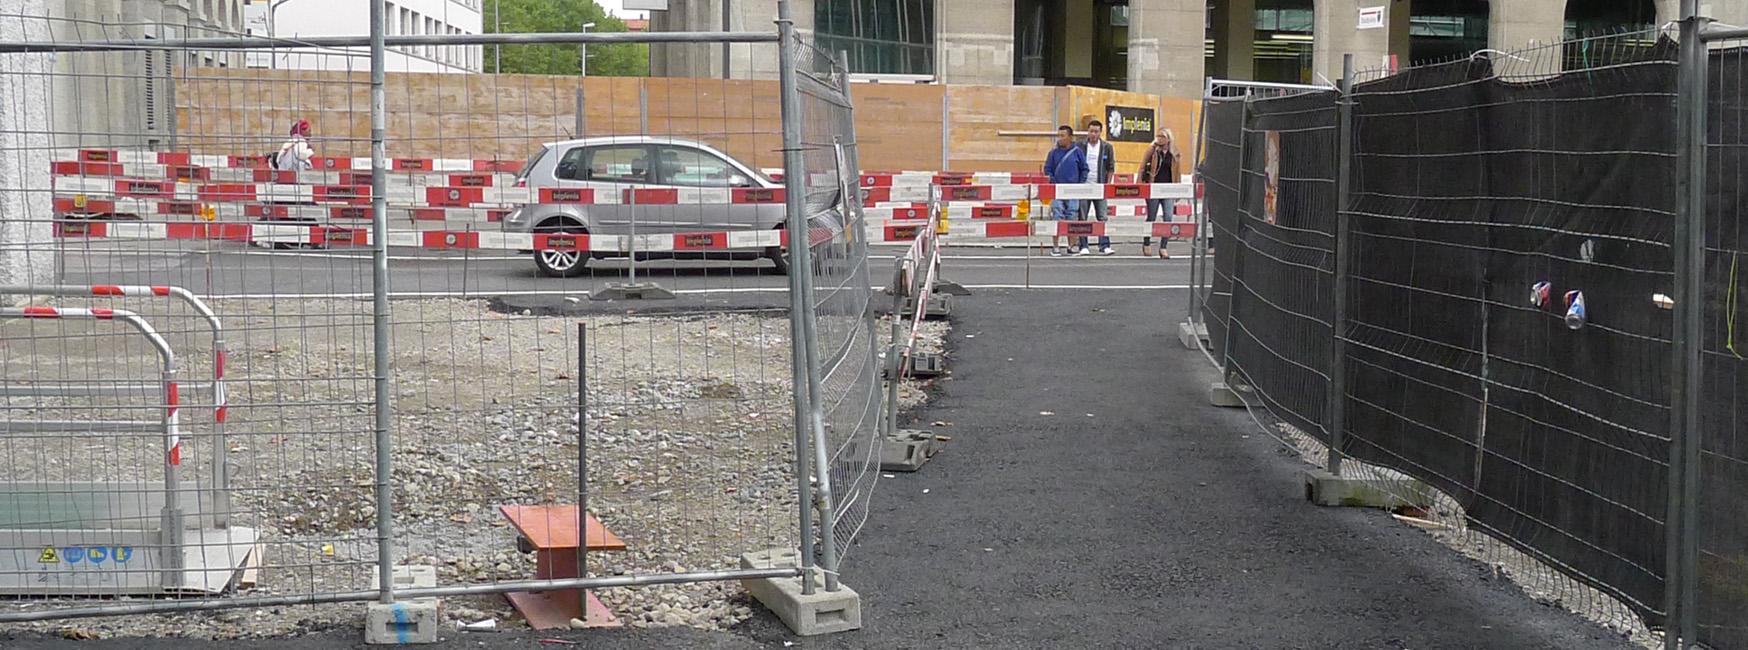 Baustelle mit Absperrgittern und rot-weissen Abschrankingen gegenüber der Fahrbahn